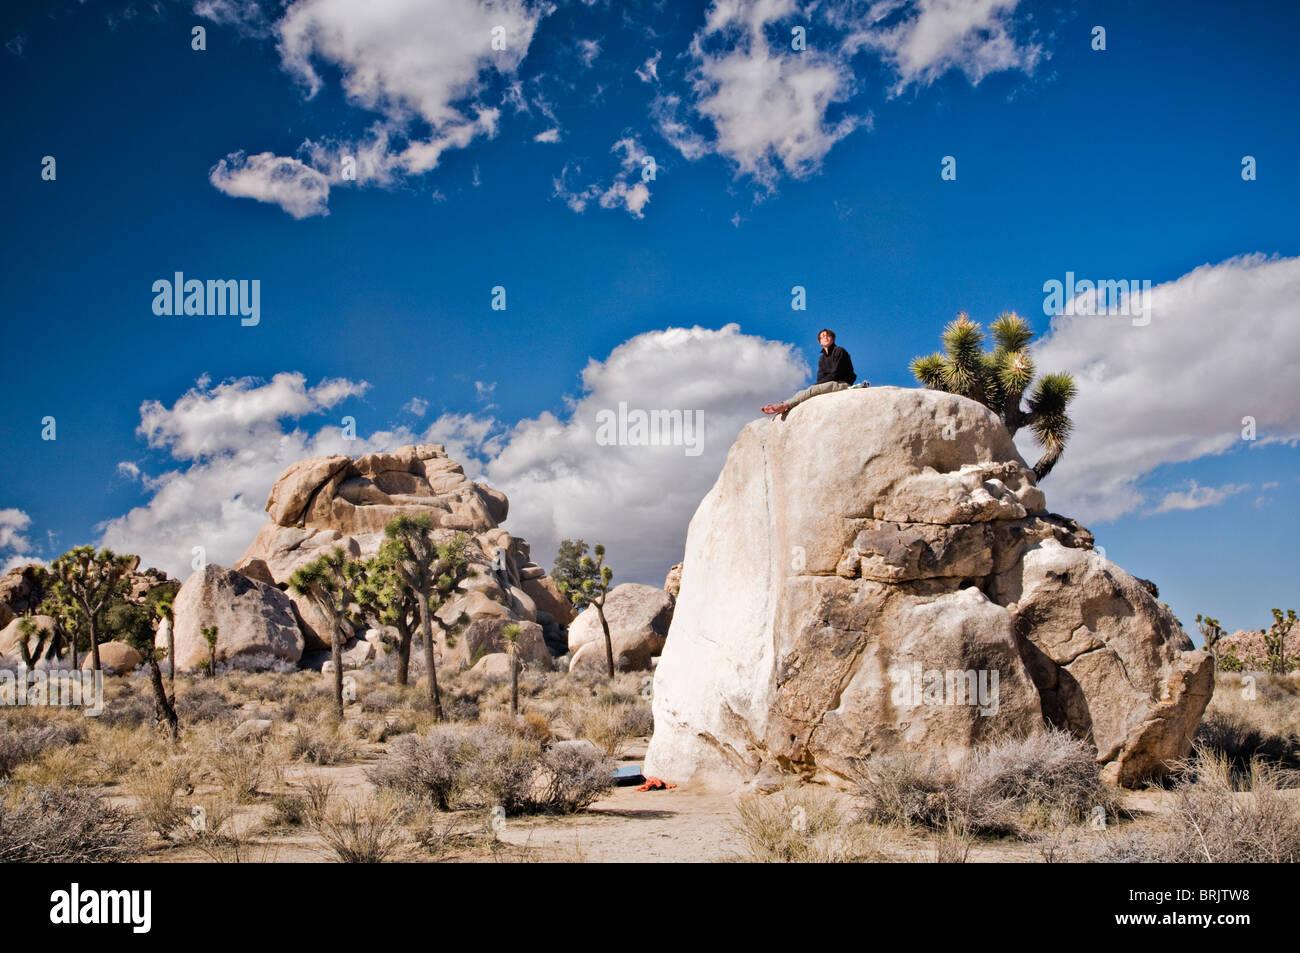 Ein junger Mann sitzt auf einer einsamen mutiger nach dem Klettern einer Route im Joshua Tree National Park. Stockbild